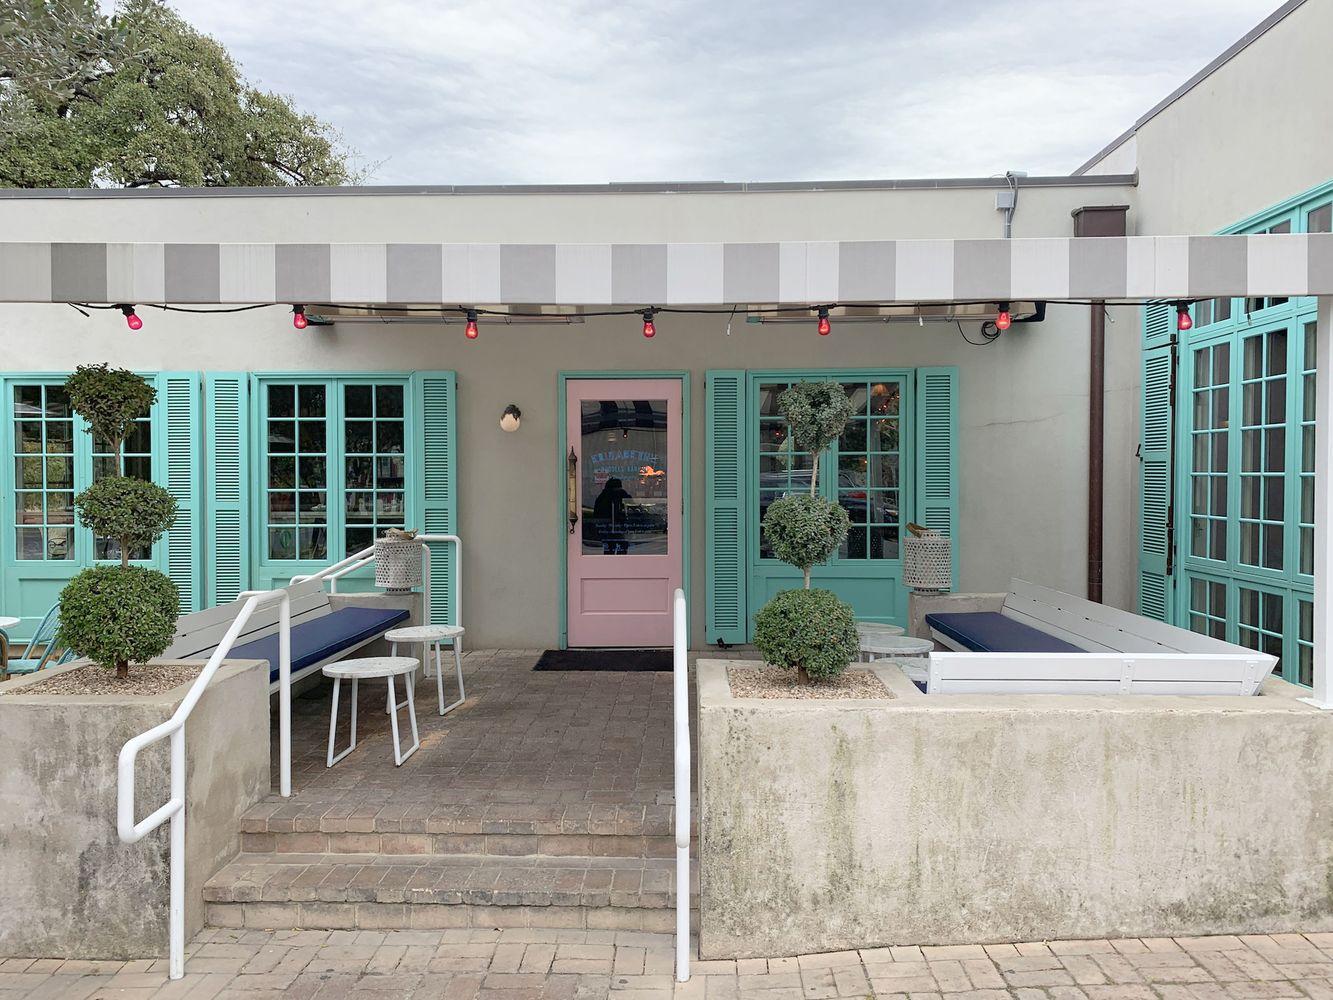 Elizabeth Street Cafe Front Building